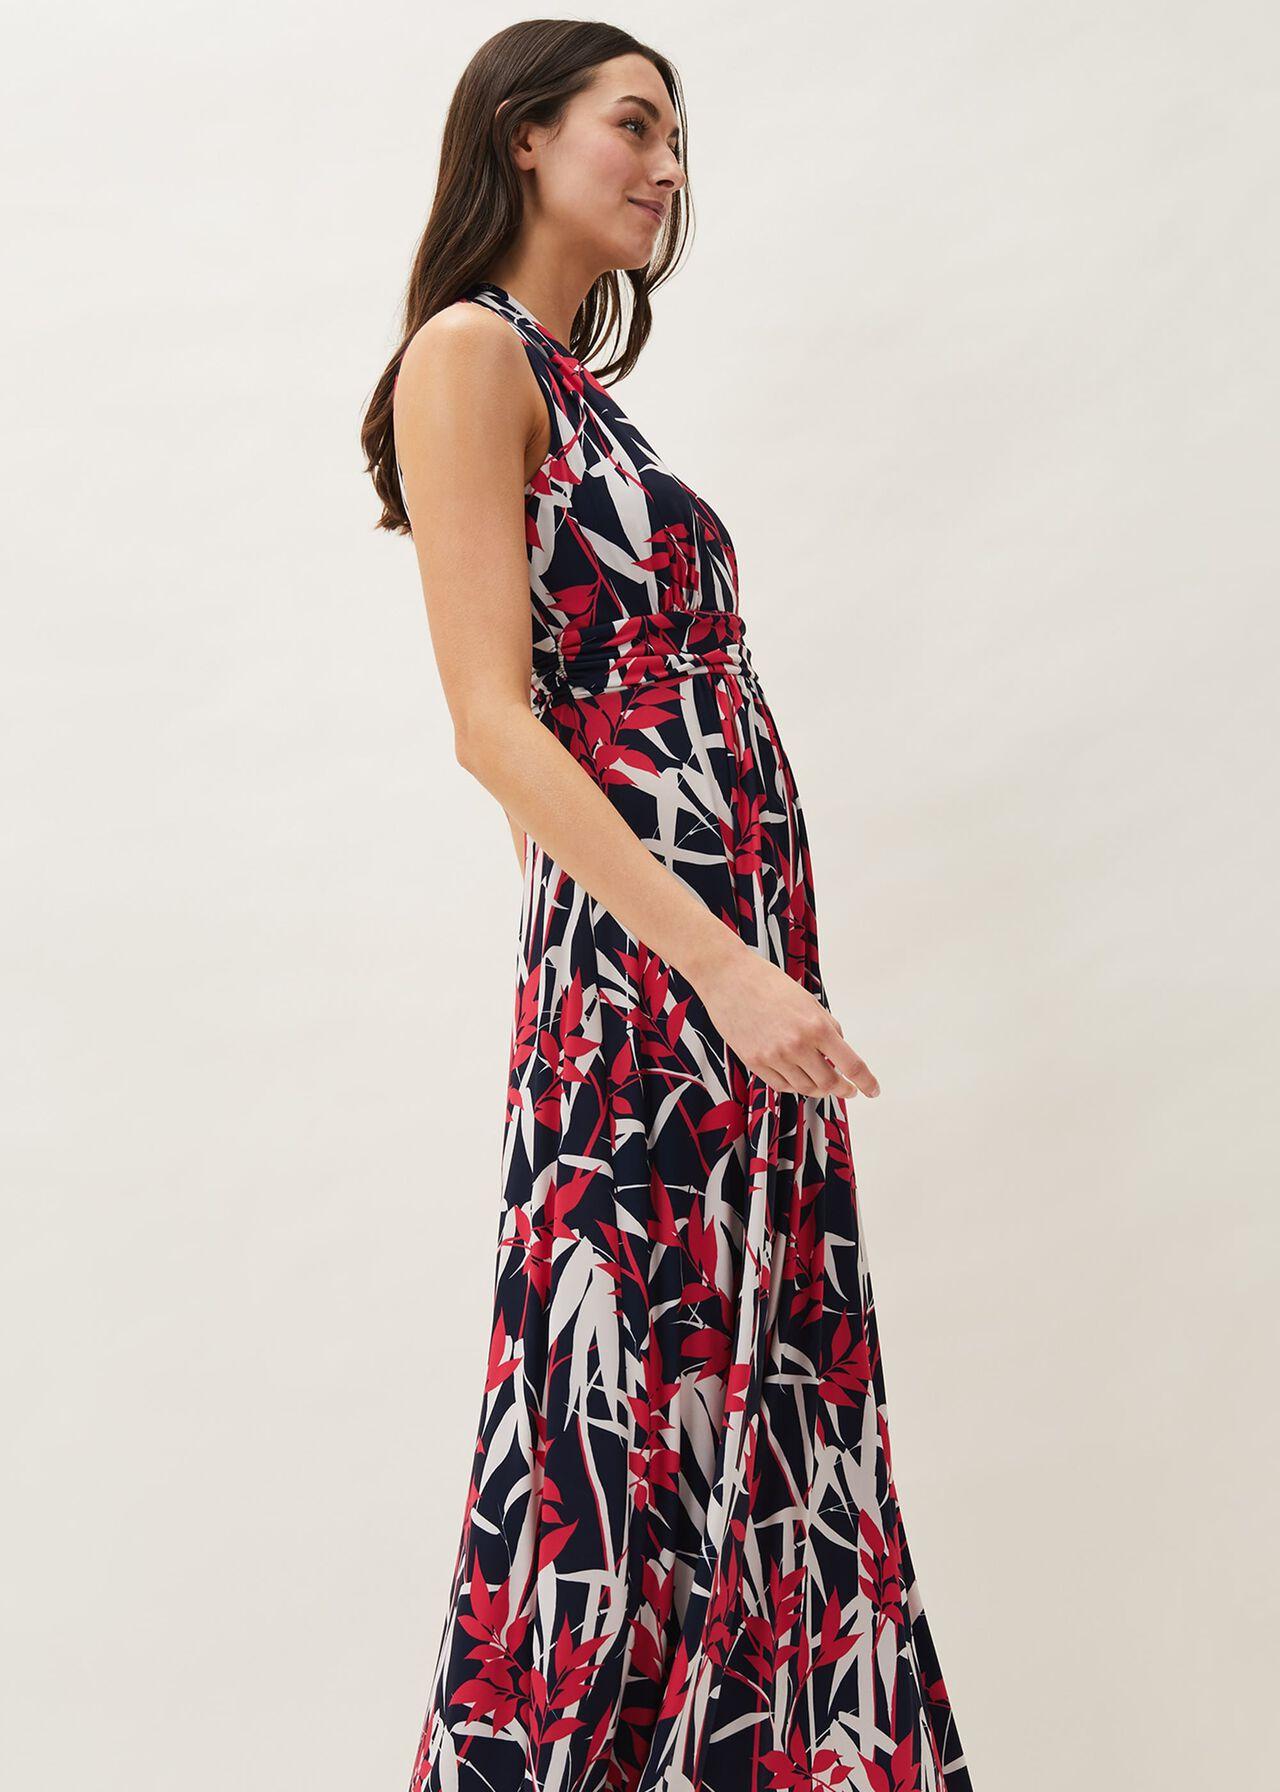 Ellen Palm Print Jersey Maxi Dress